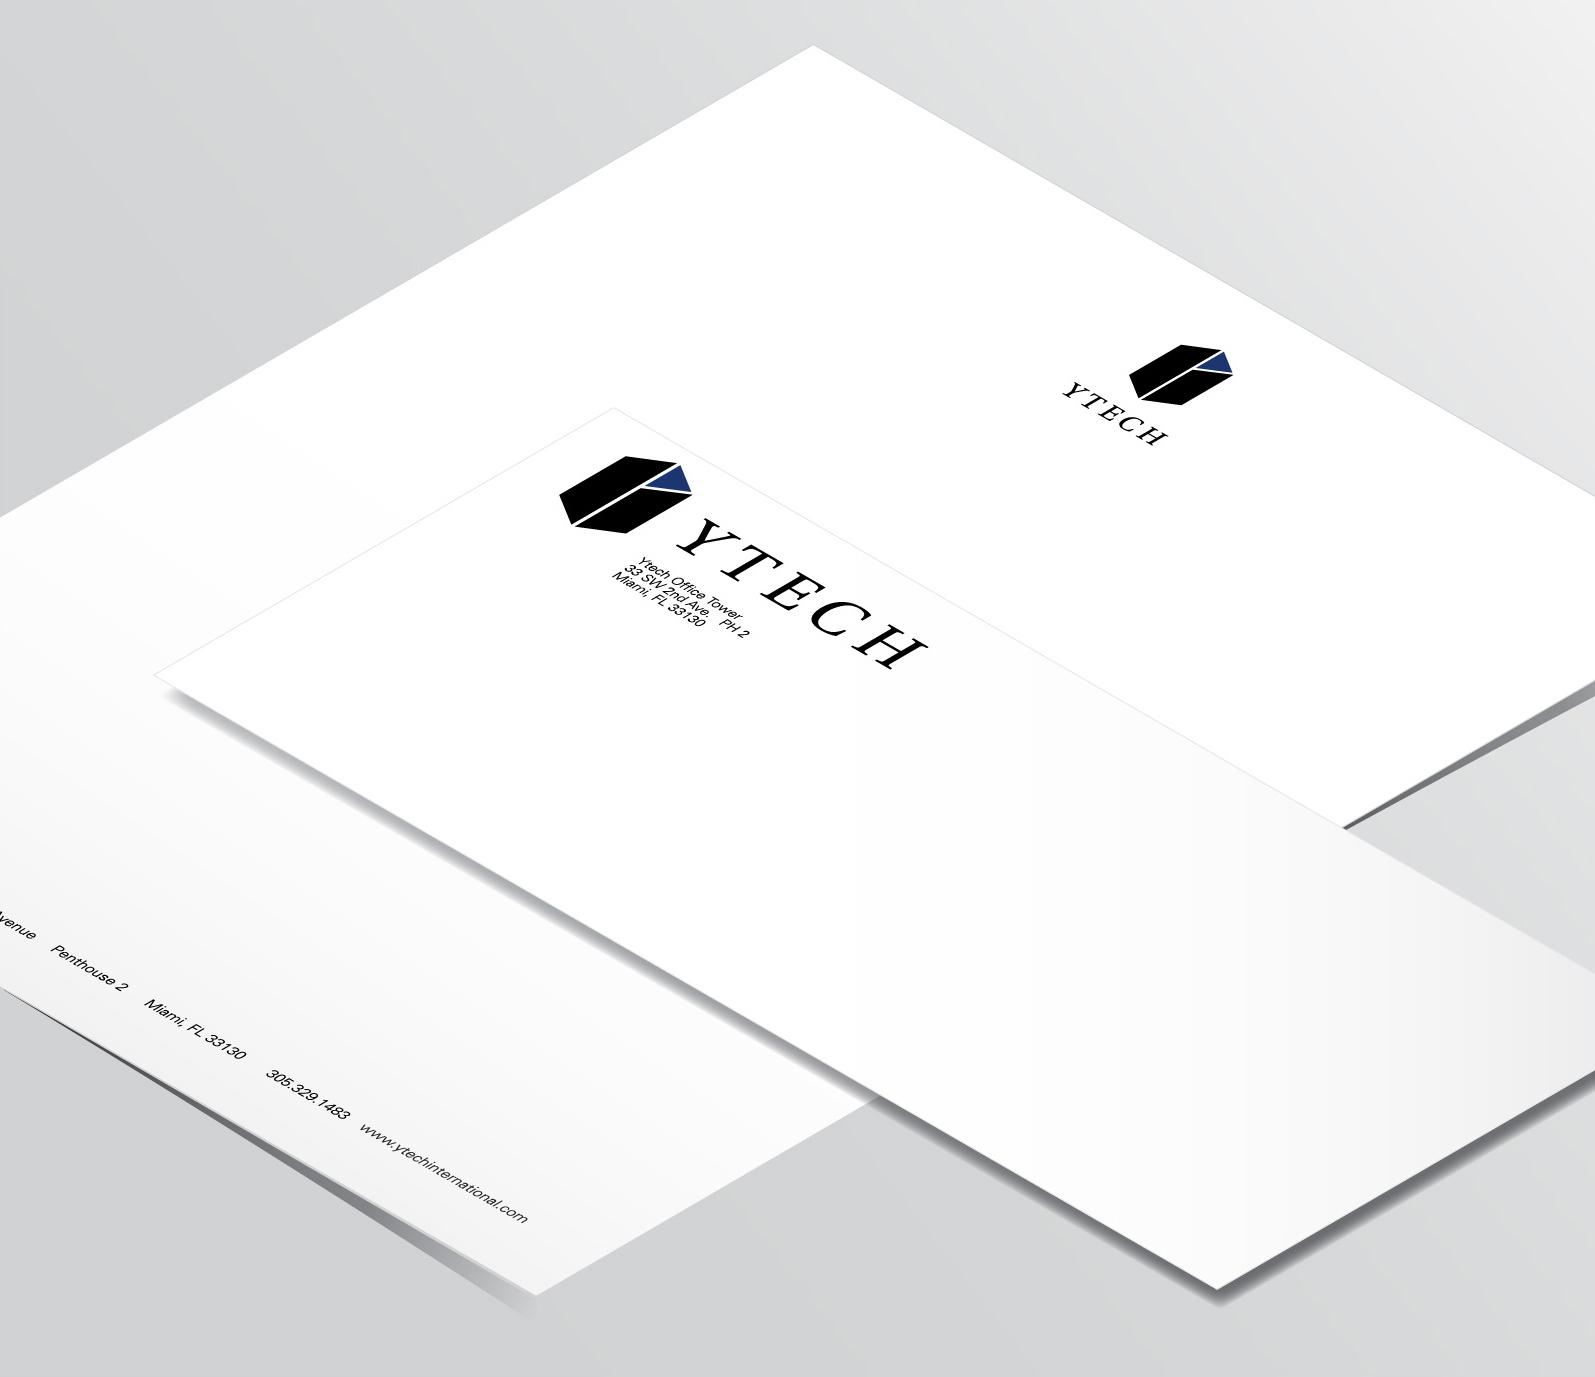 Ytech_letterhead.jpg